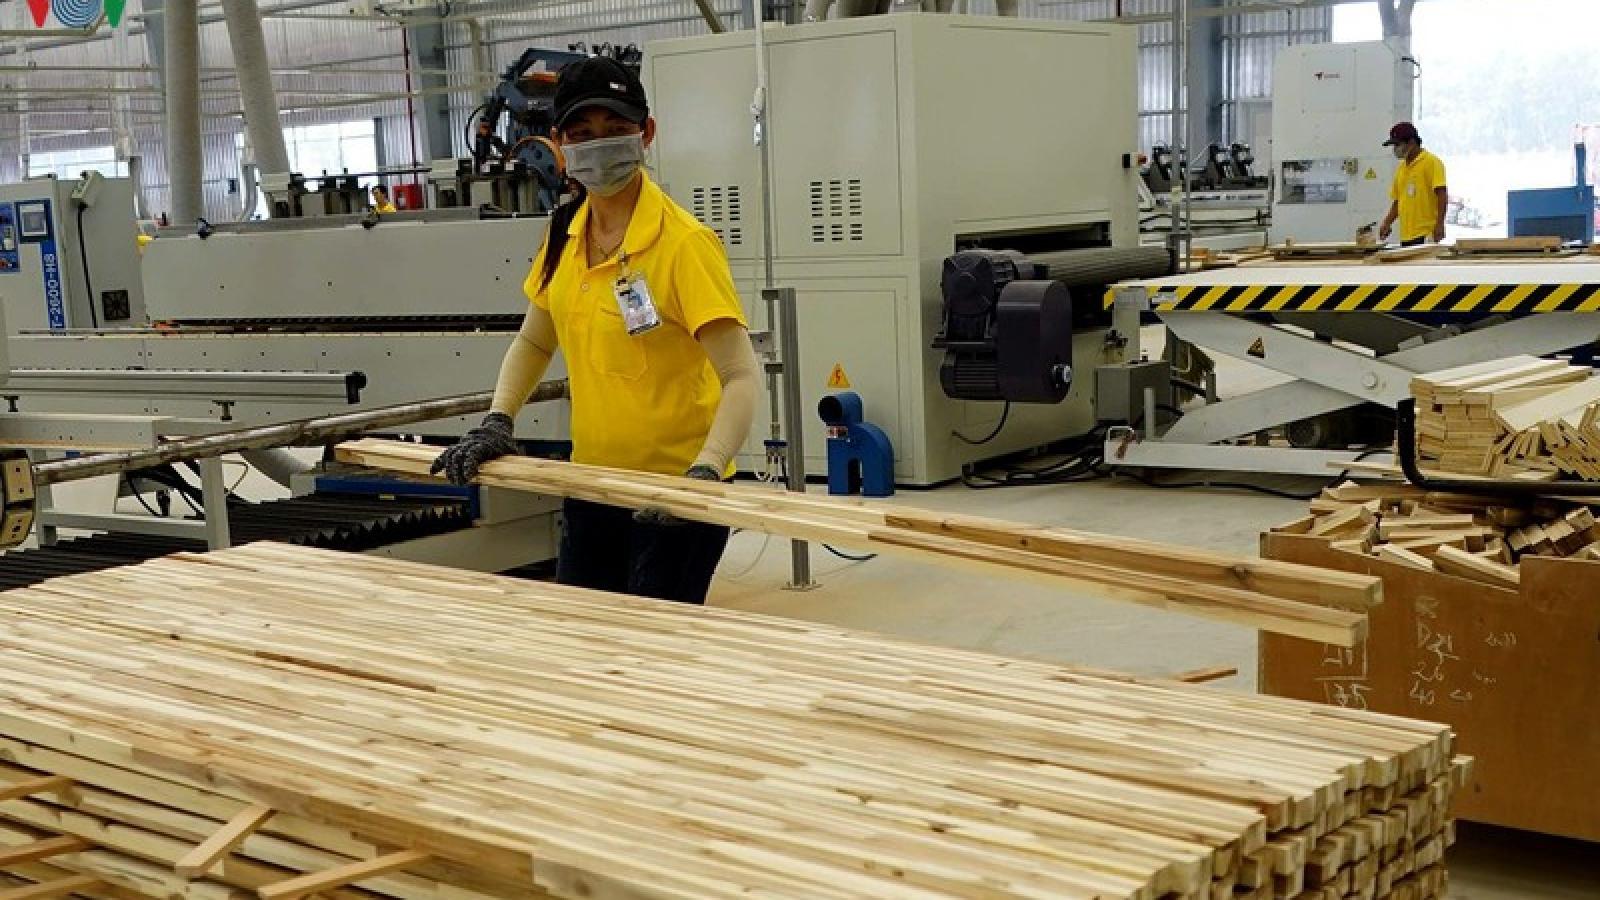 Giấy phép gỗ hợp pháp-hiện thức hóa con đường vào thị trường EU